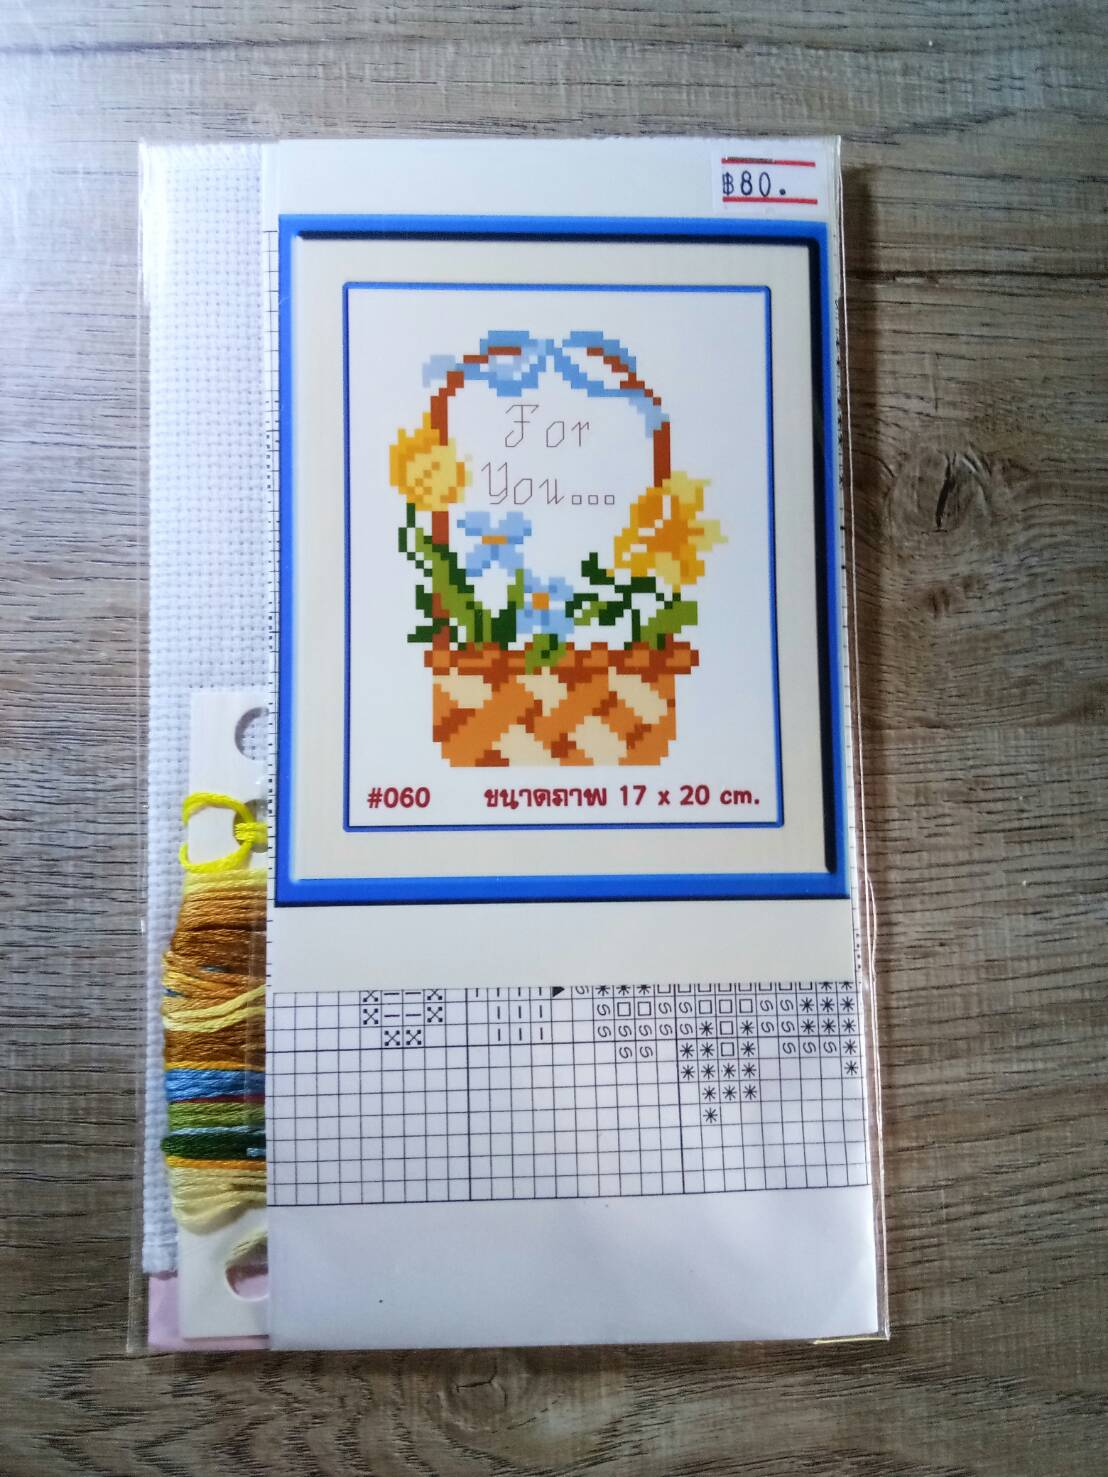 ชุดปักครอสติช ลาย ดอกไม้ ขนาด 17*20 ซม.ผ้าครอสติช 14 CT ไม่พิมพ์ลายปัก ไหมคอตตอน สี+ผังลาย+เข็ม (ส่งฟรี)